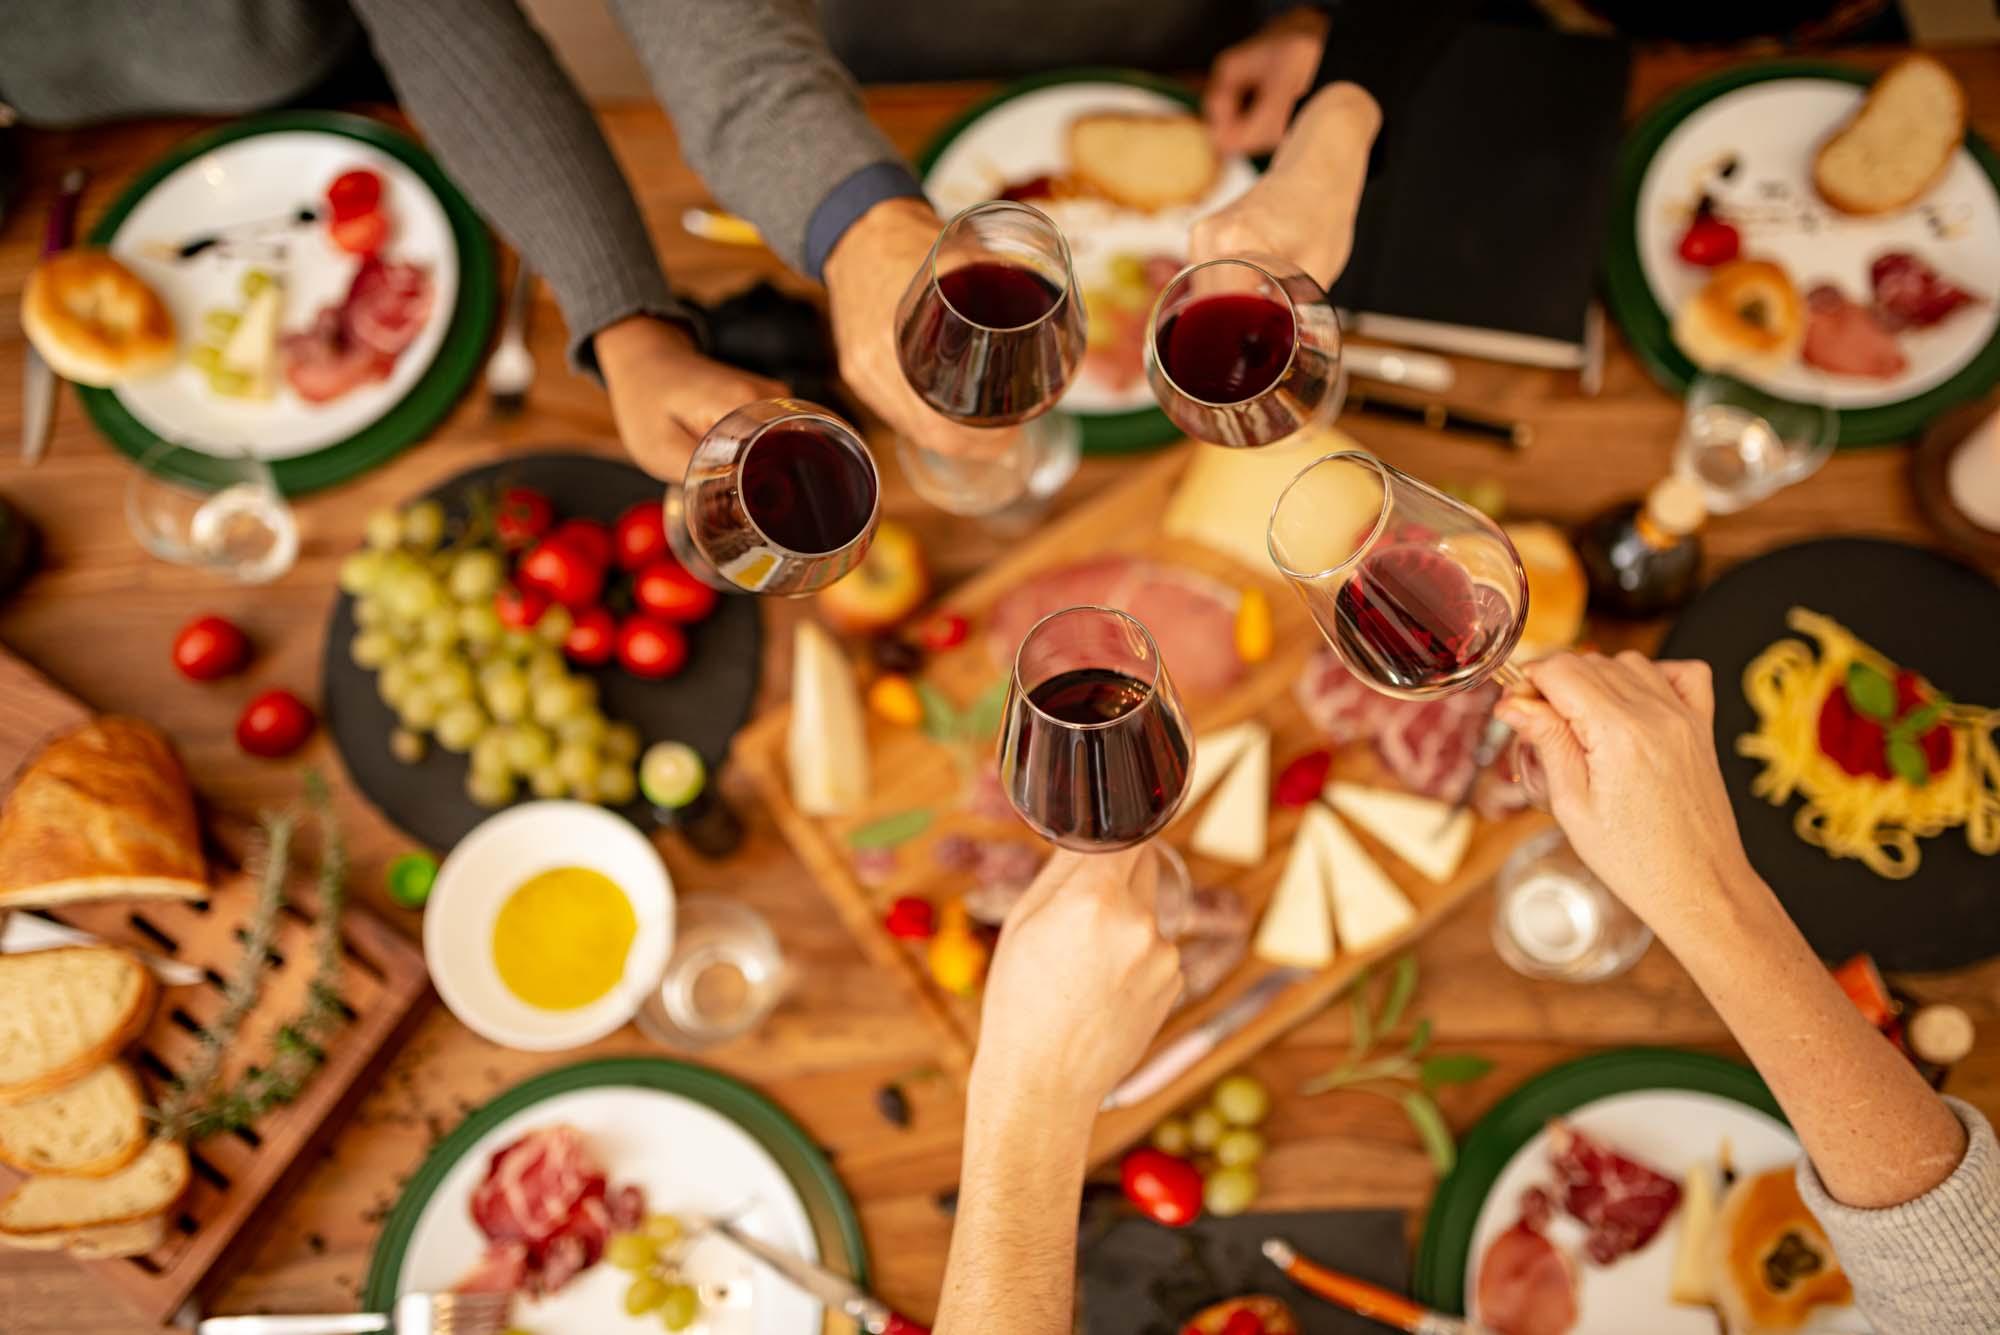 Degustazioni Vino Cene Aziendali a Napoli